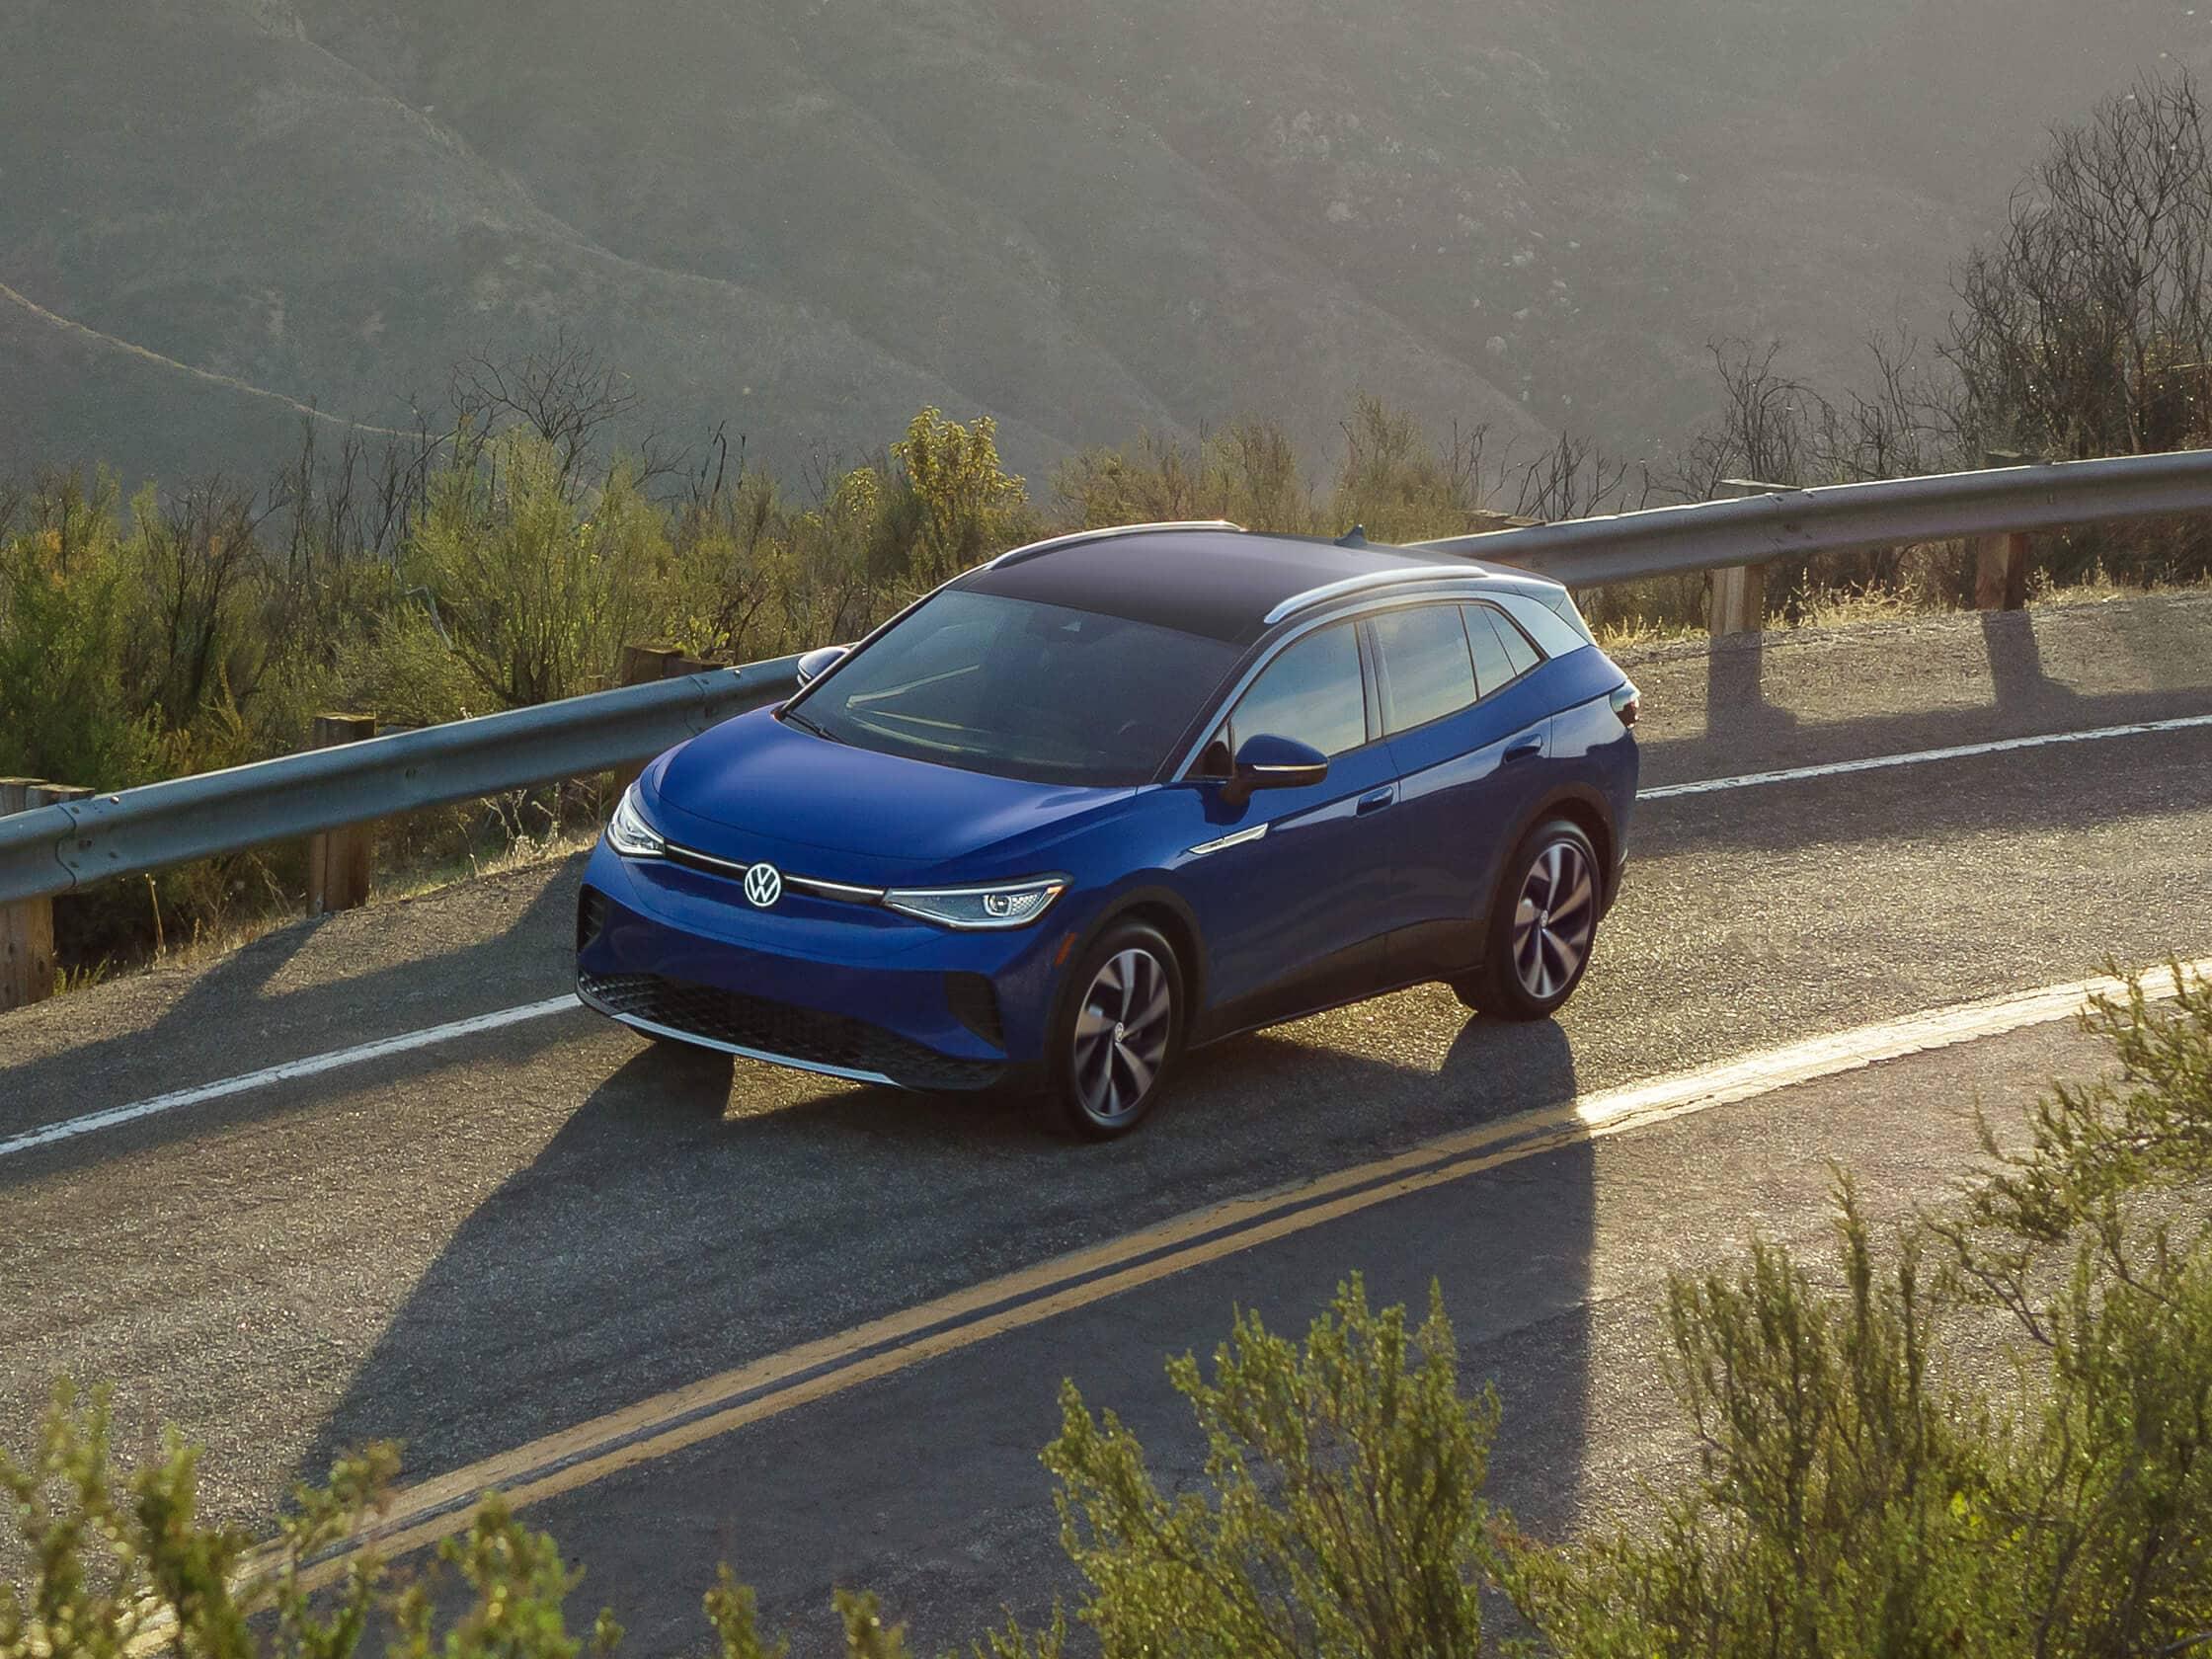 VW id.4 electric car